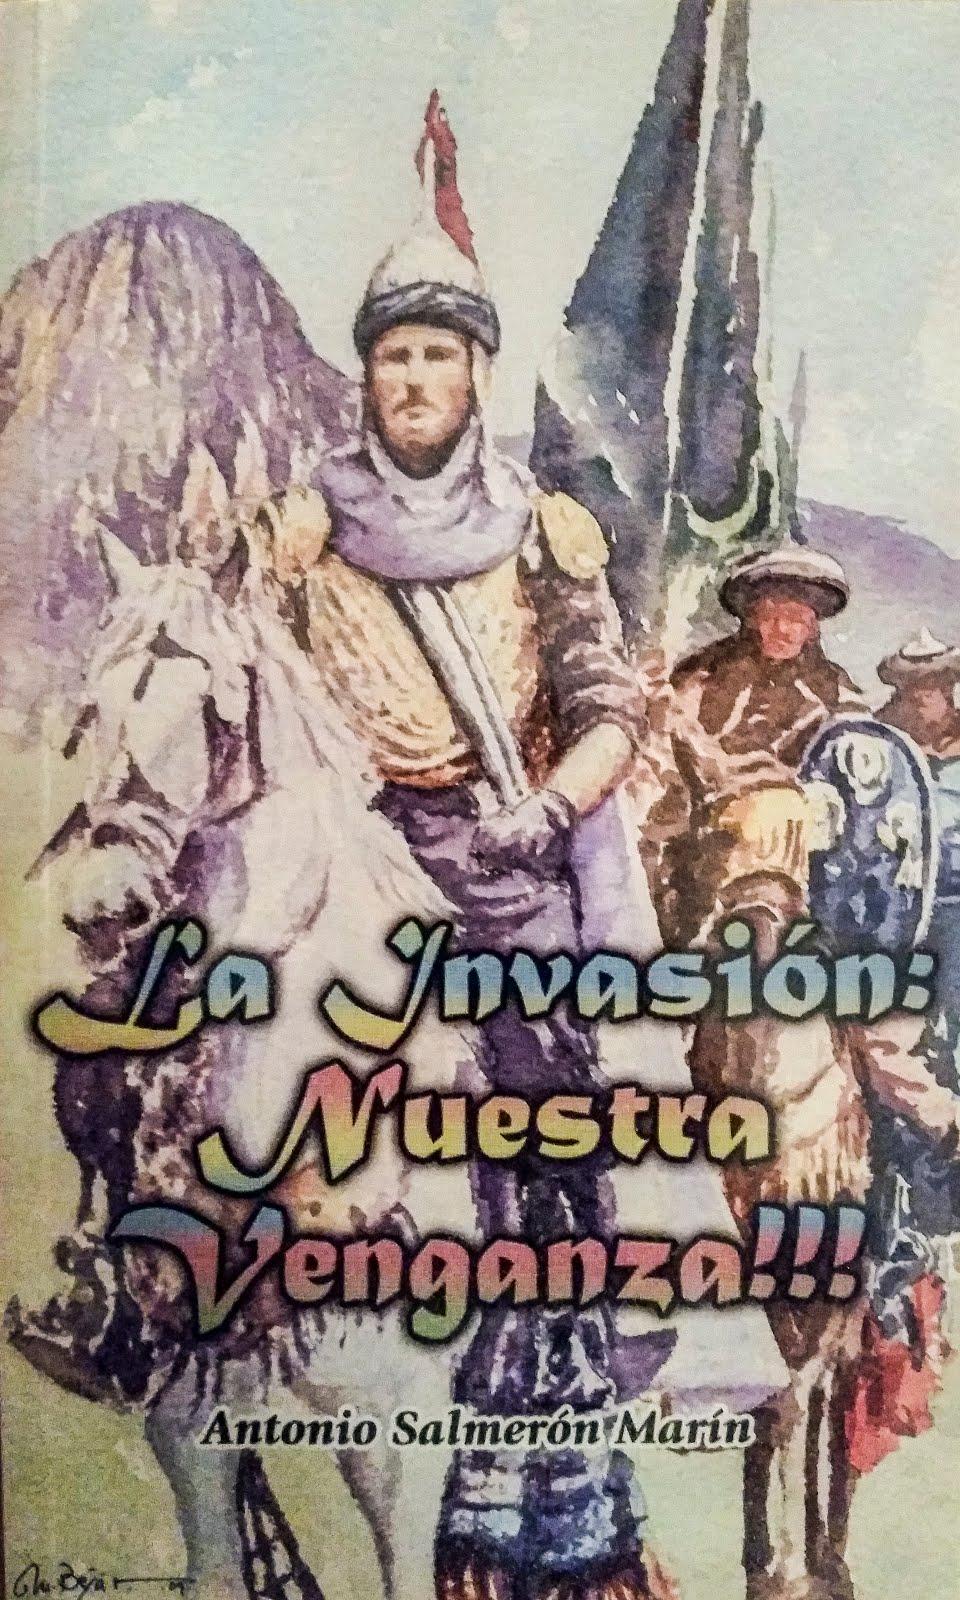 Obra de Teatro La Invasión Nuestra Venganza